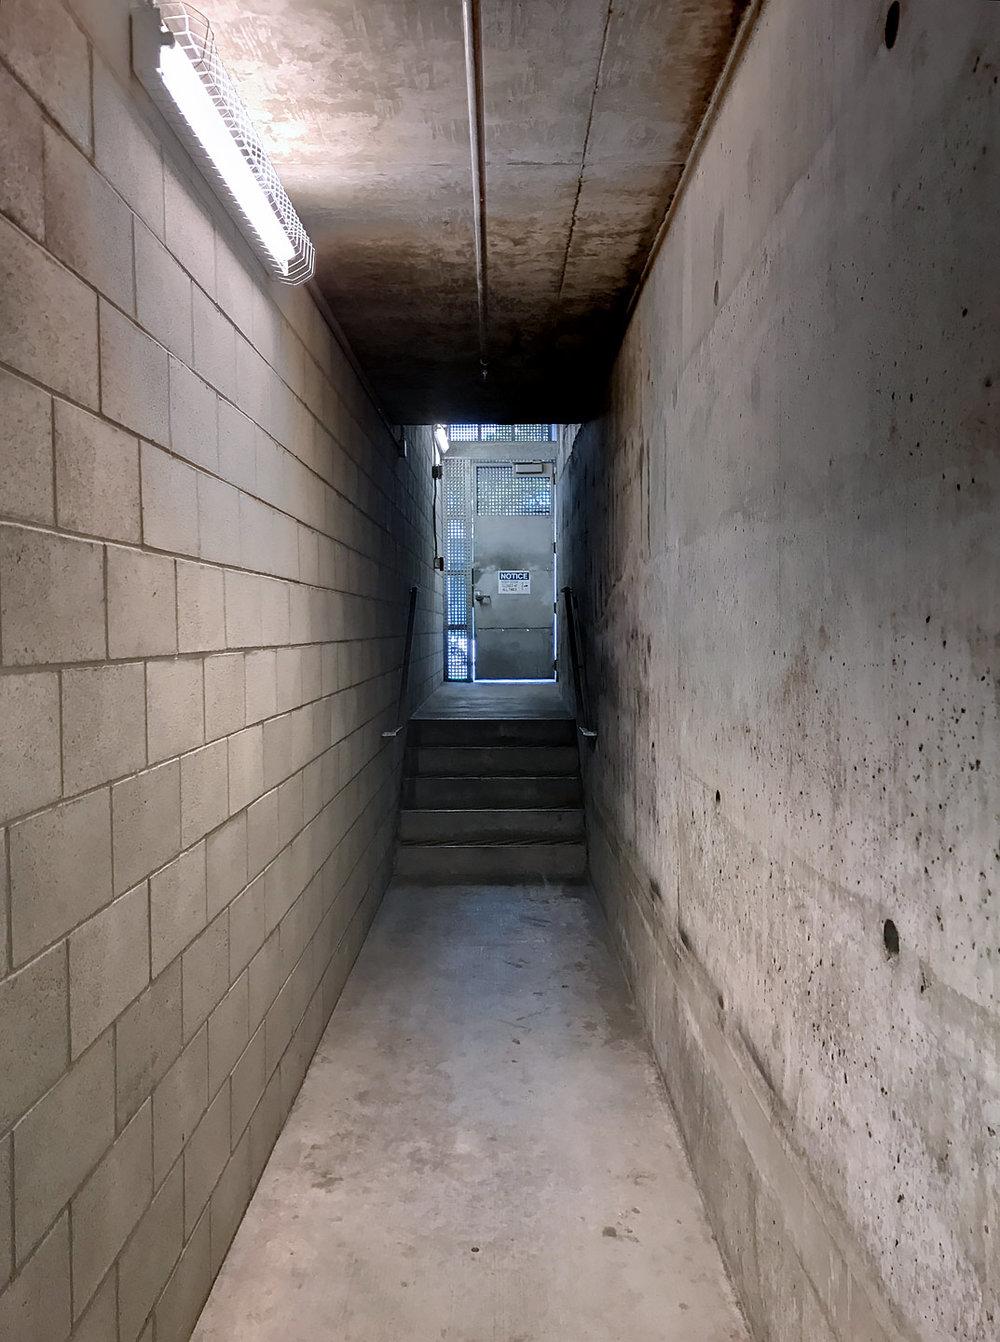 YBL Hallways - 02.jpg